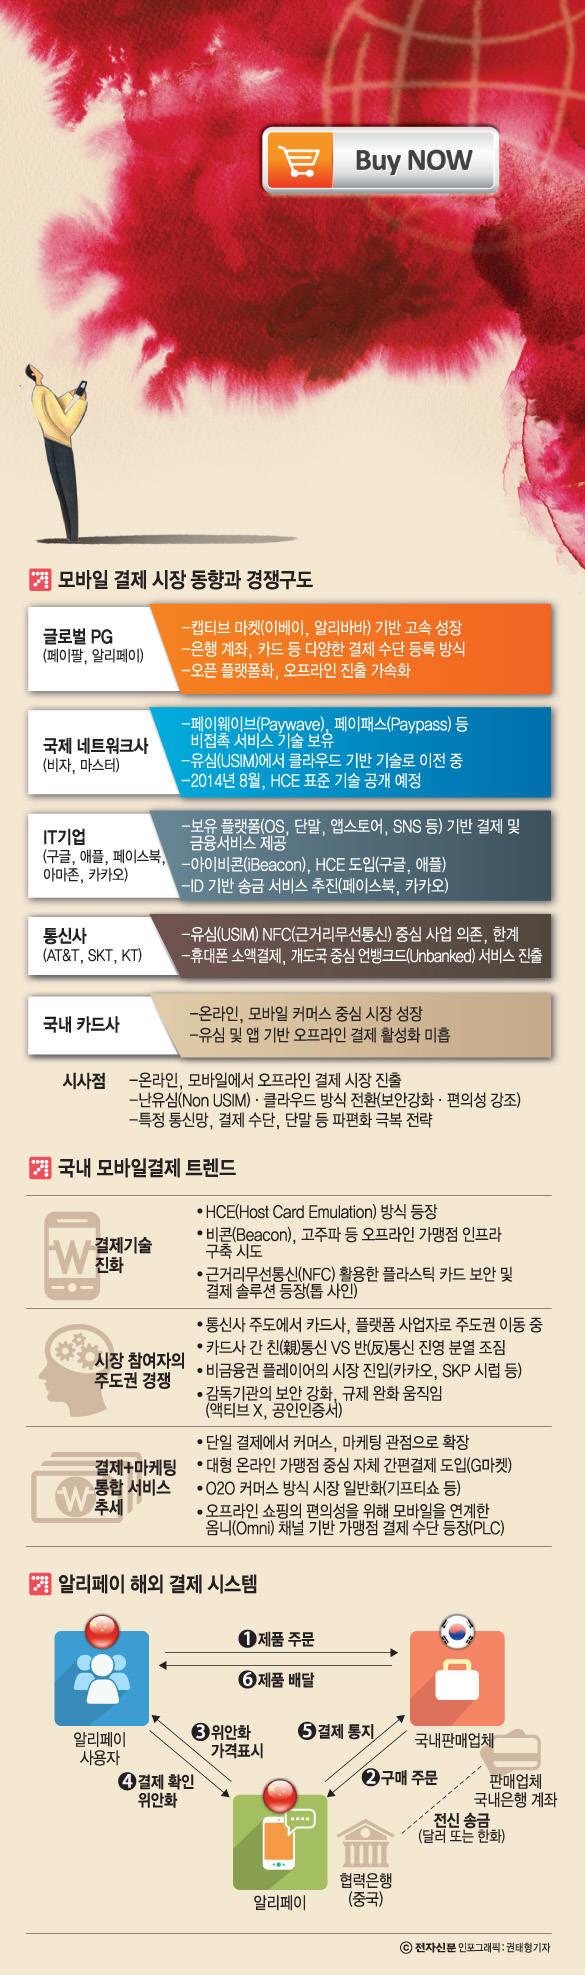 [이슈분석]알리페이·페이팔·카카오까지...거대 IT기업 한국금융시장 흔든다